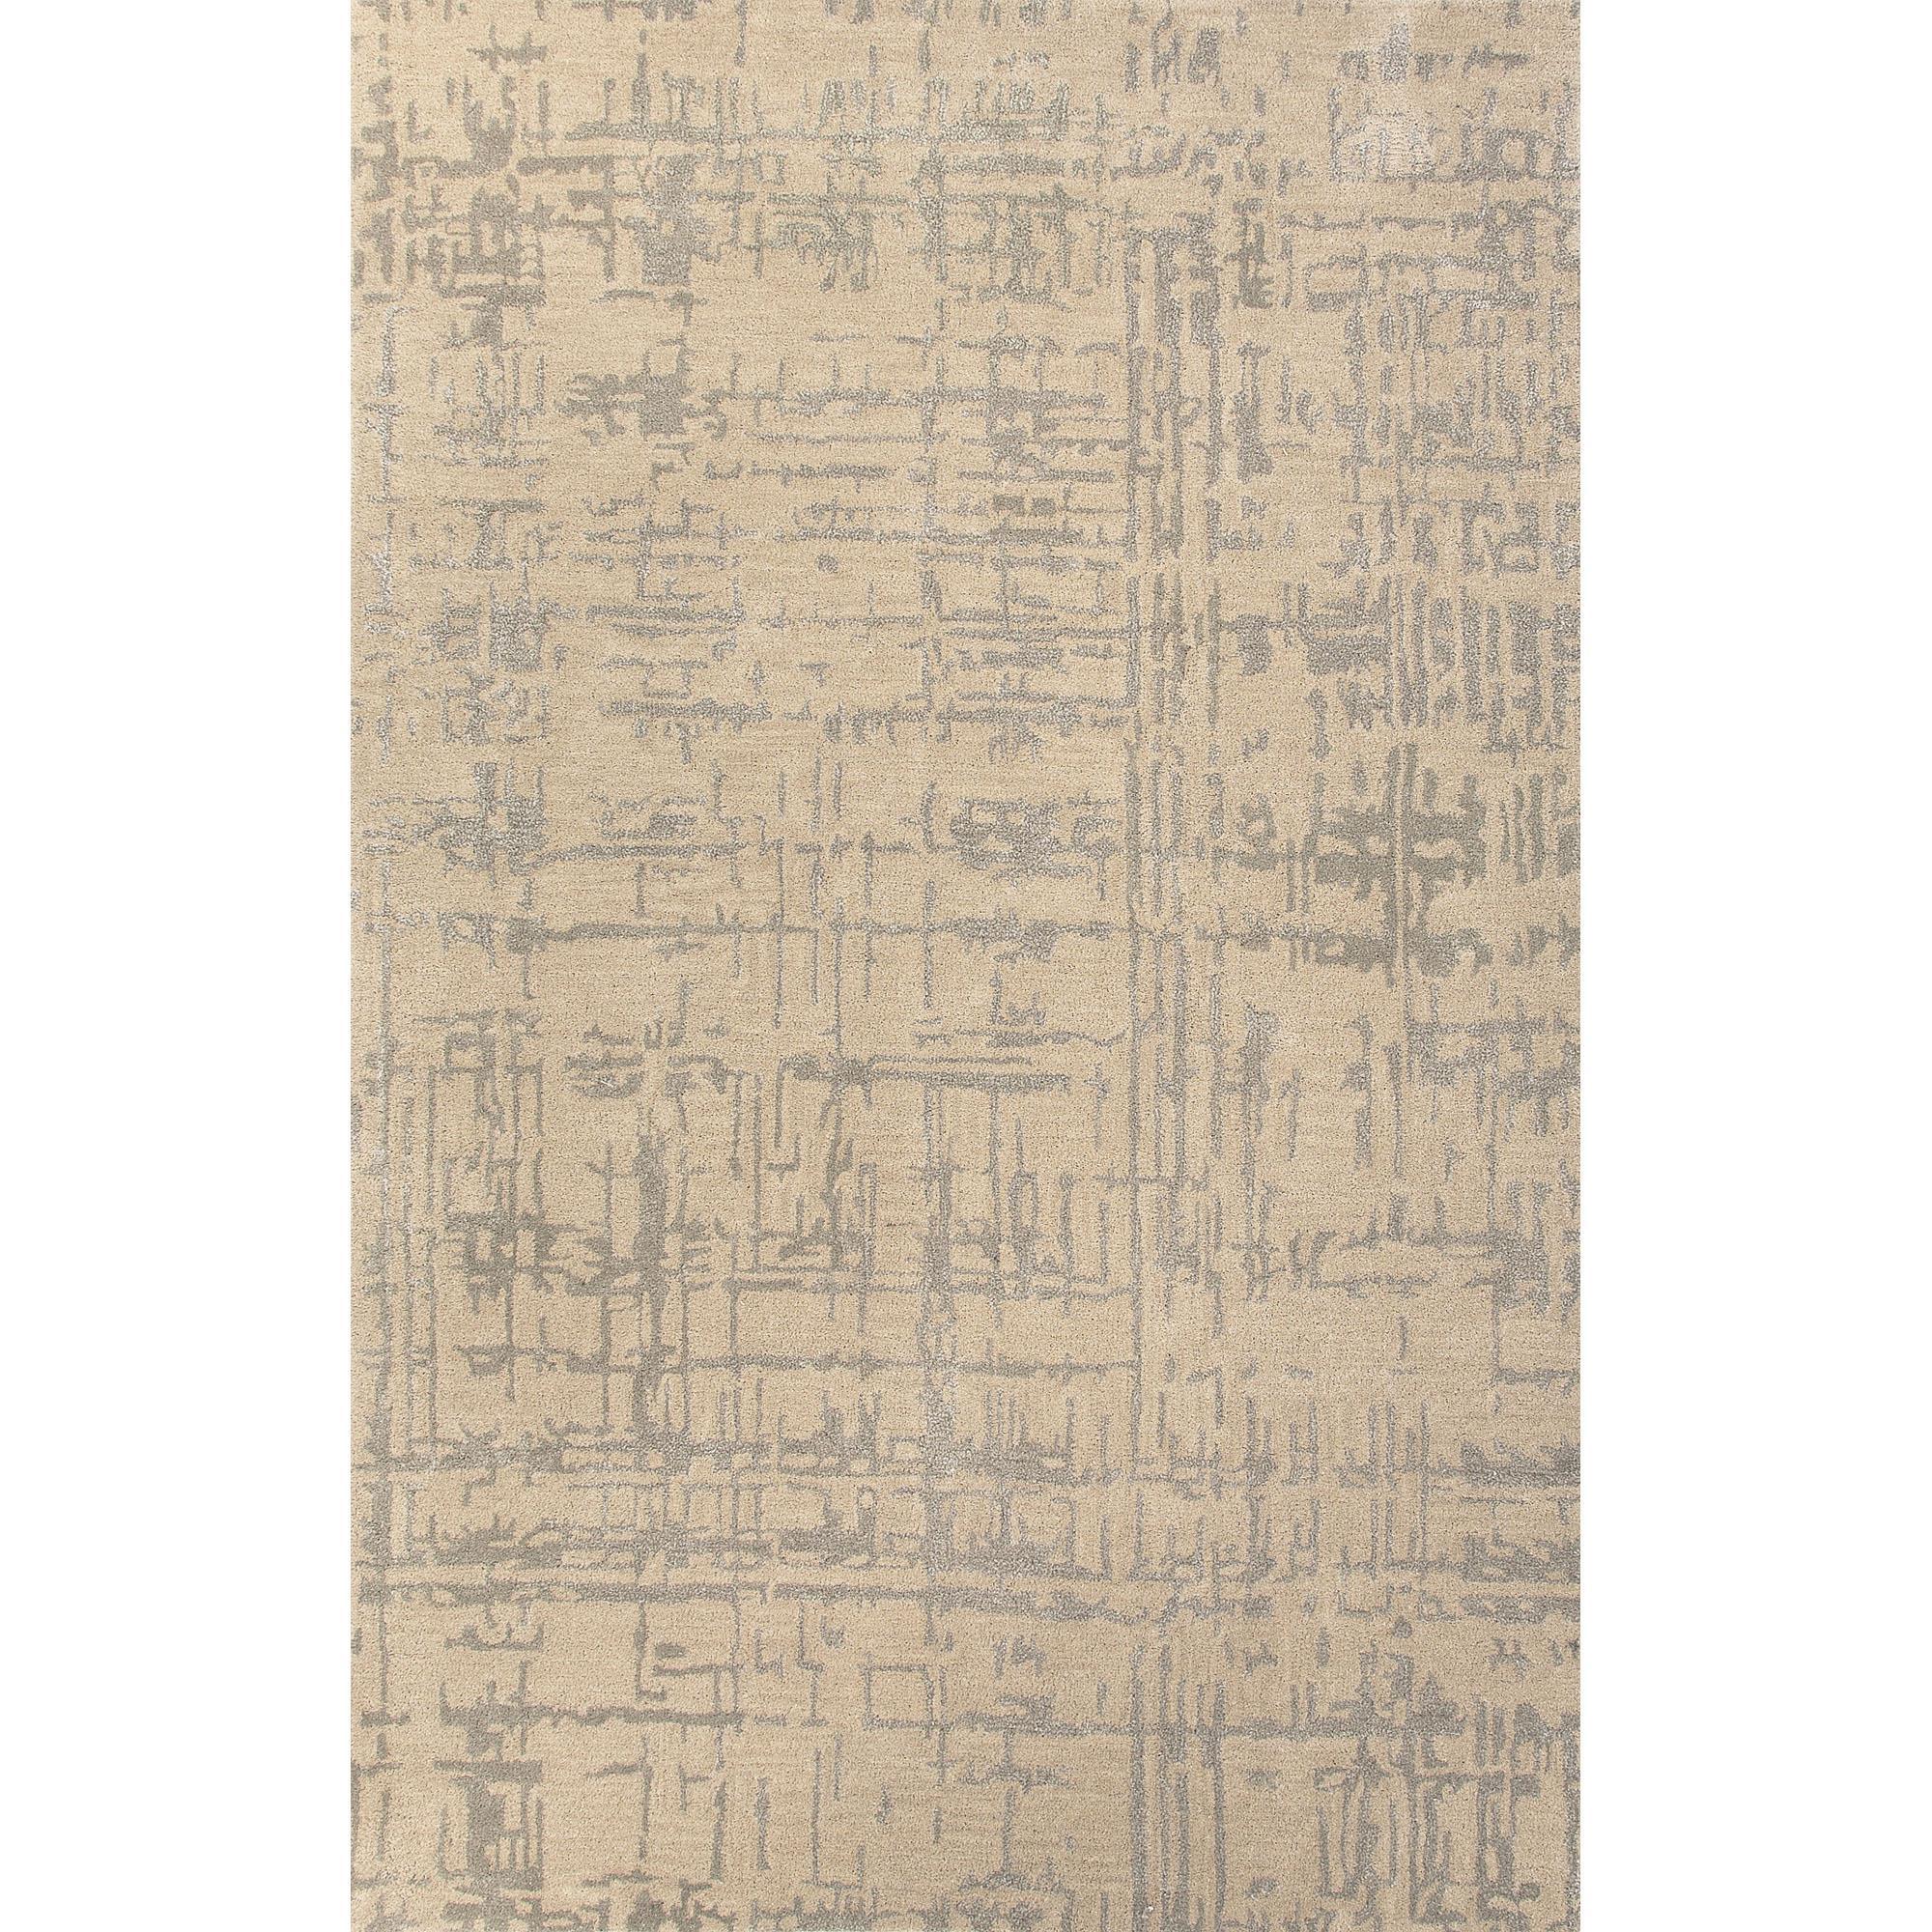 JAIPUR Rugs Clayton 9 x 12 Rug - Item Number: RUG111816